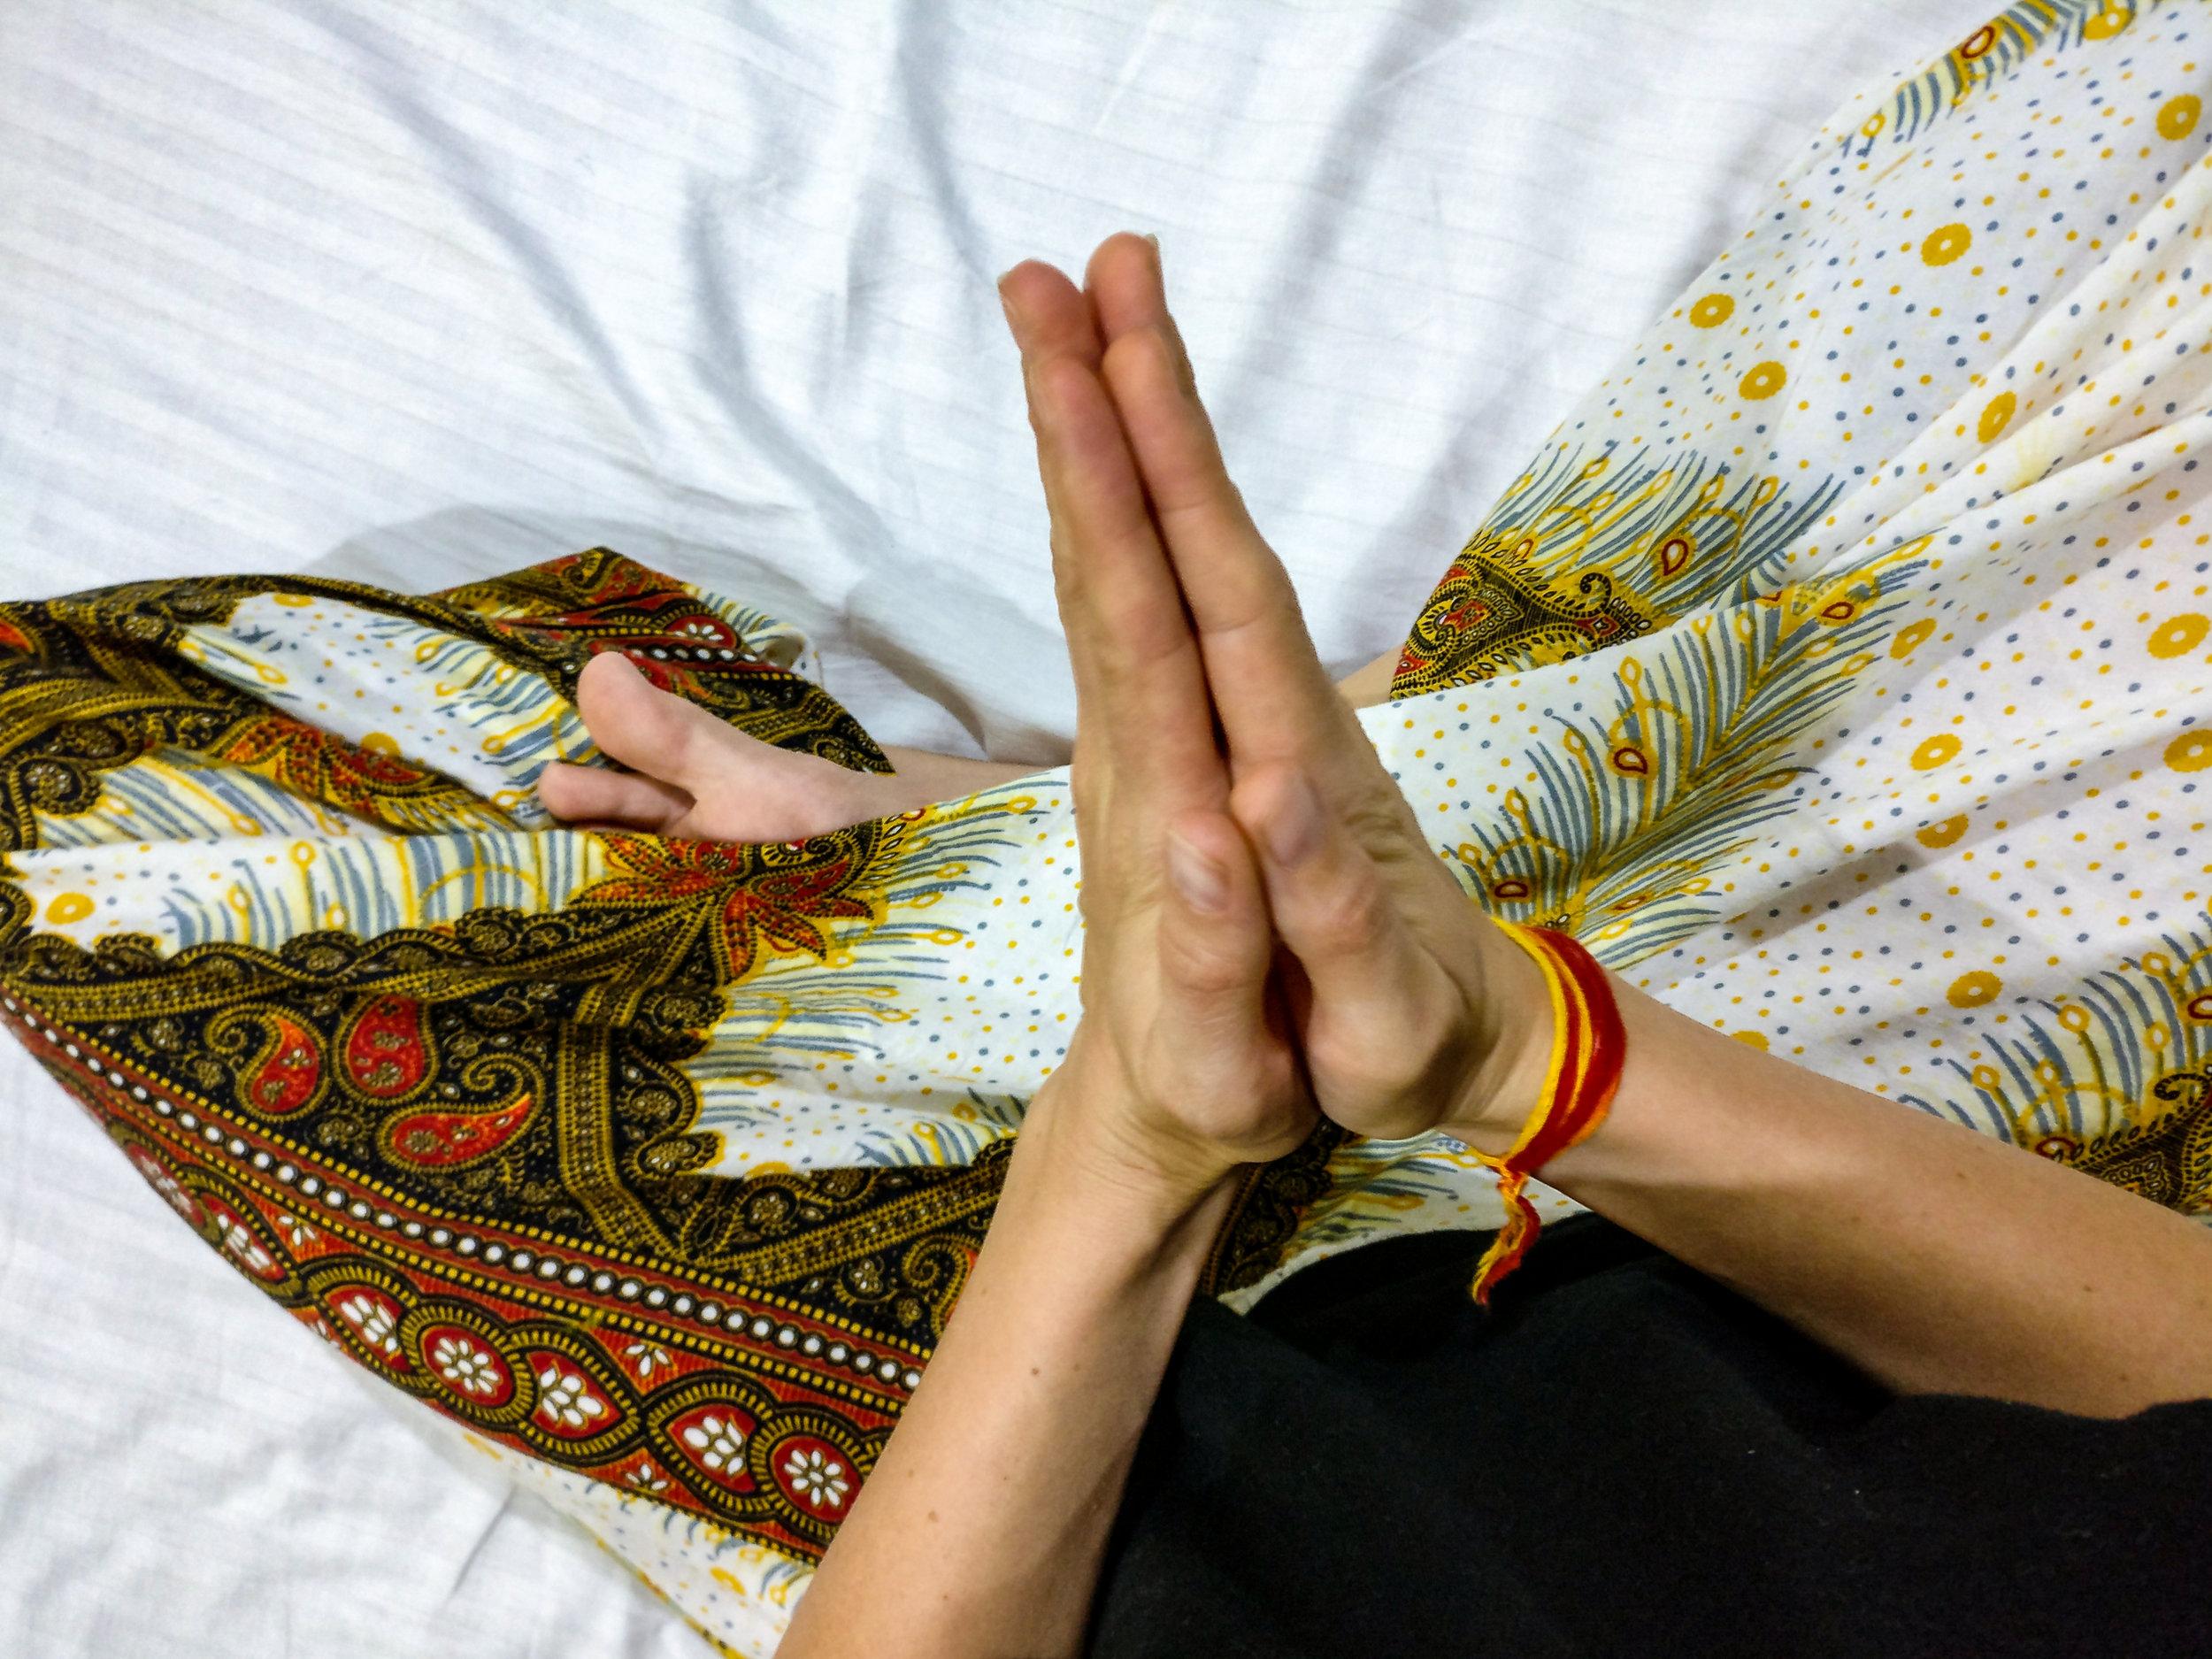 Yoga für Dich - nach persönlicher VereinbarungWer auf persönliche und individuelle Betreuung wert legt oder einmal ganz gezielt auf die eigenen Bedürfnisse eingehen will vereinbart am Besten einen Termin für eine private Stunde mit mir. Nach einem kurzen Erstgespräch gehe ich ganz auf deine persönlichen Wünsche ein.